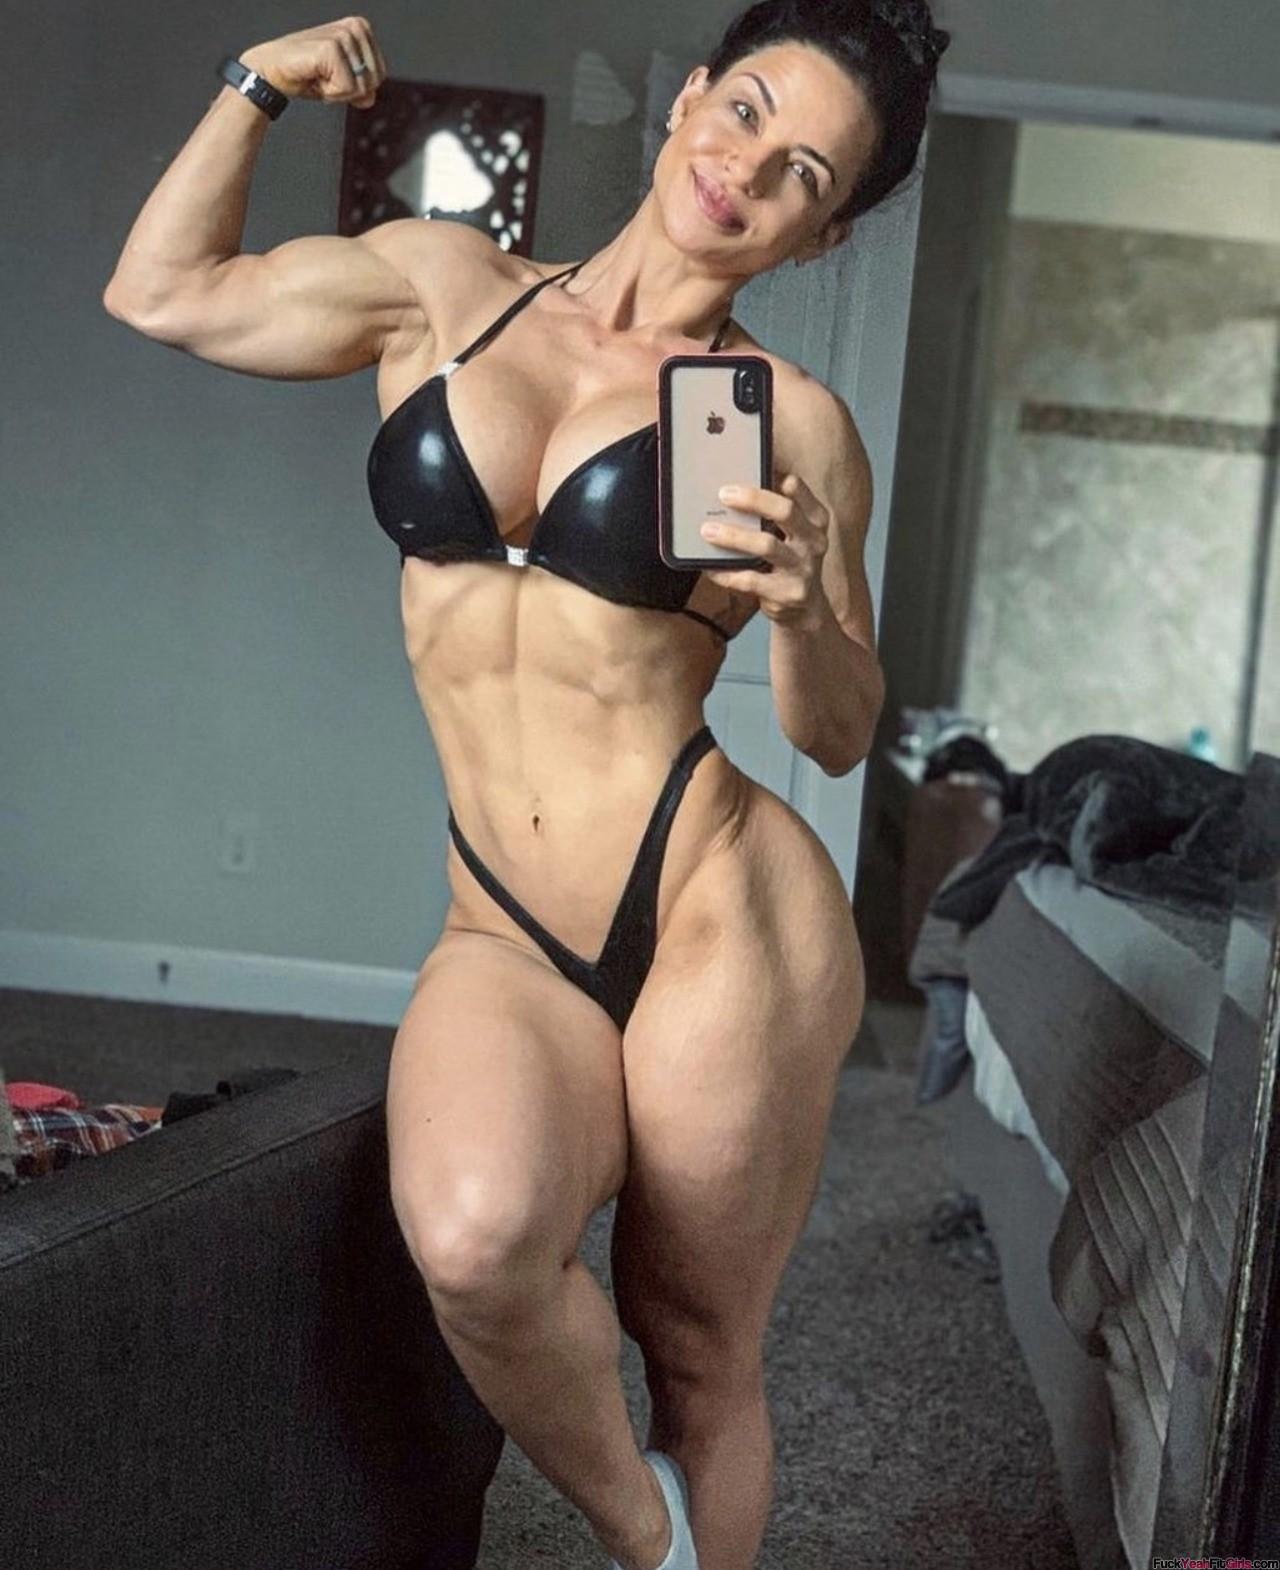 busty-muscle-babe-selfie